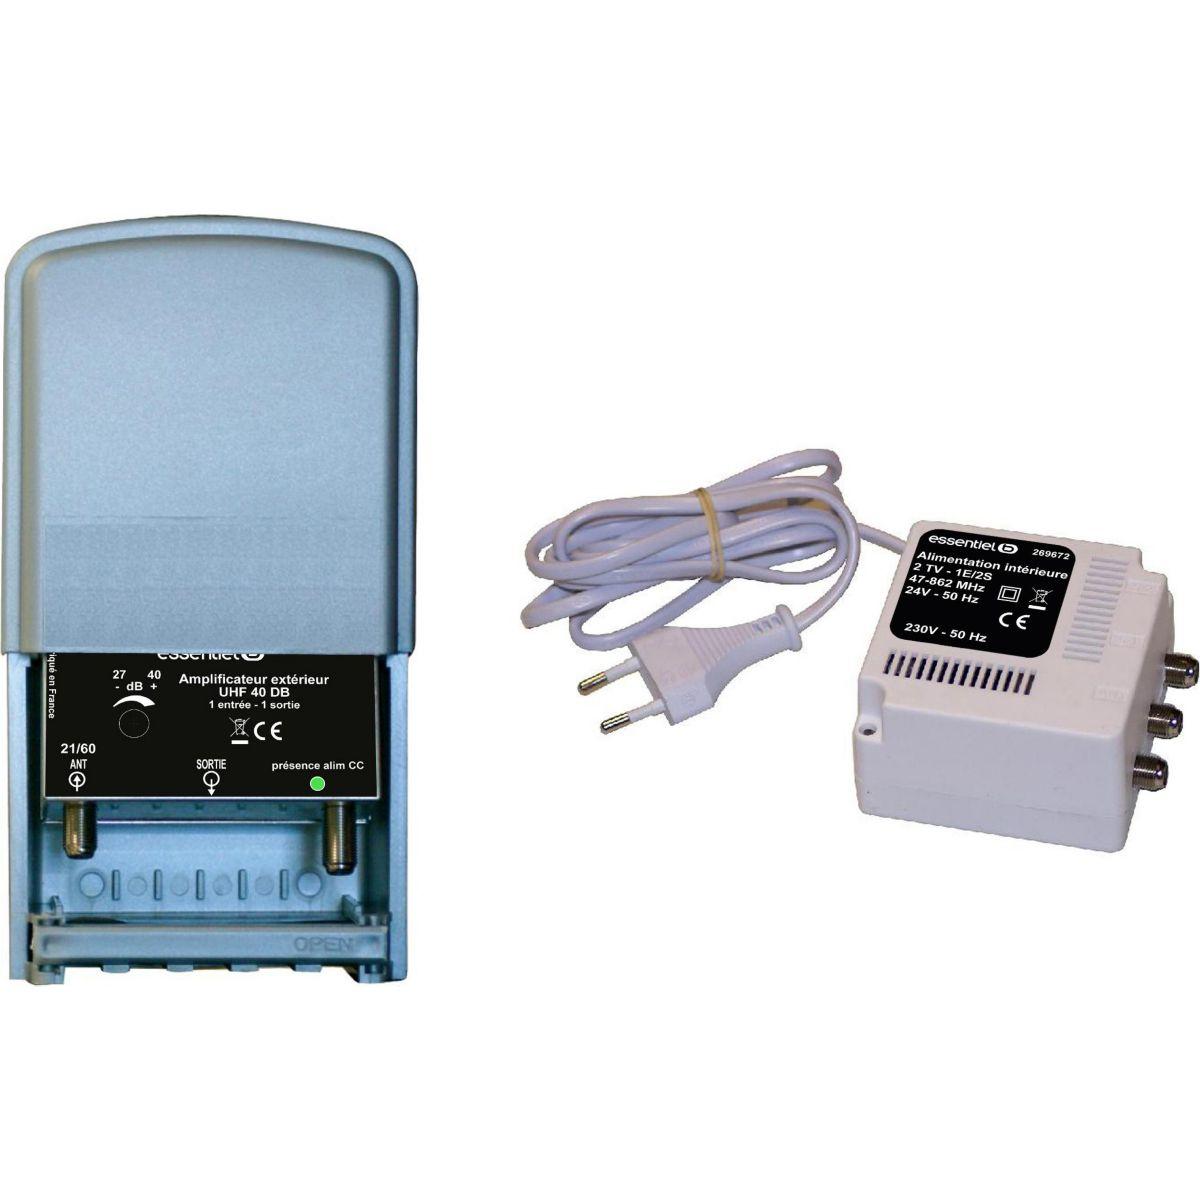 Amplificateur tv essentielb ampli ext 20db+alim - livraison offerte : code liv (photo)